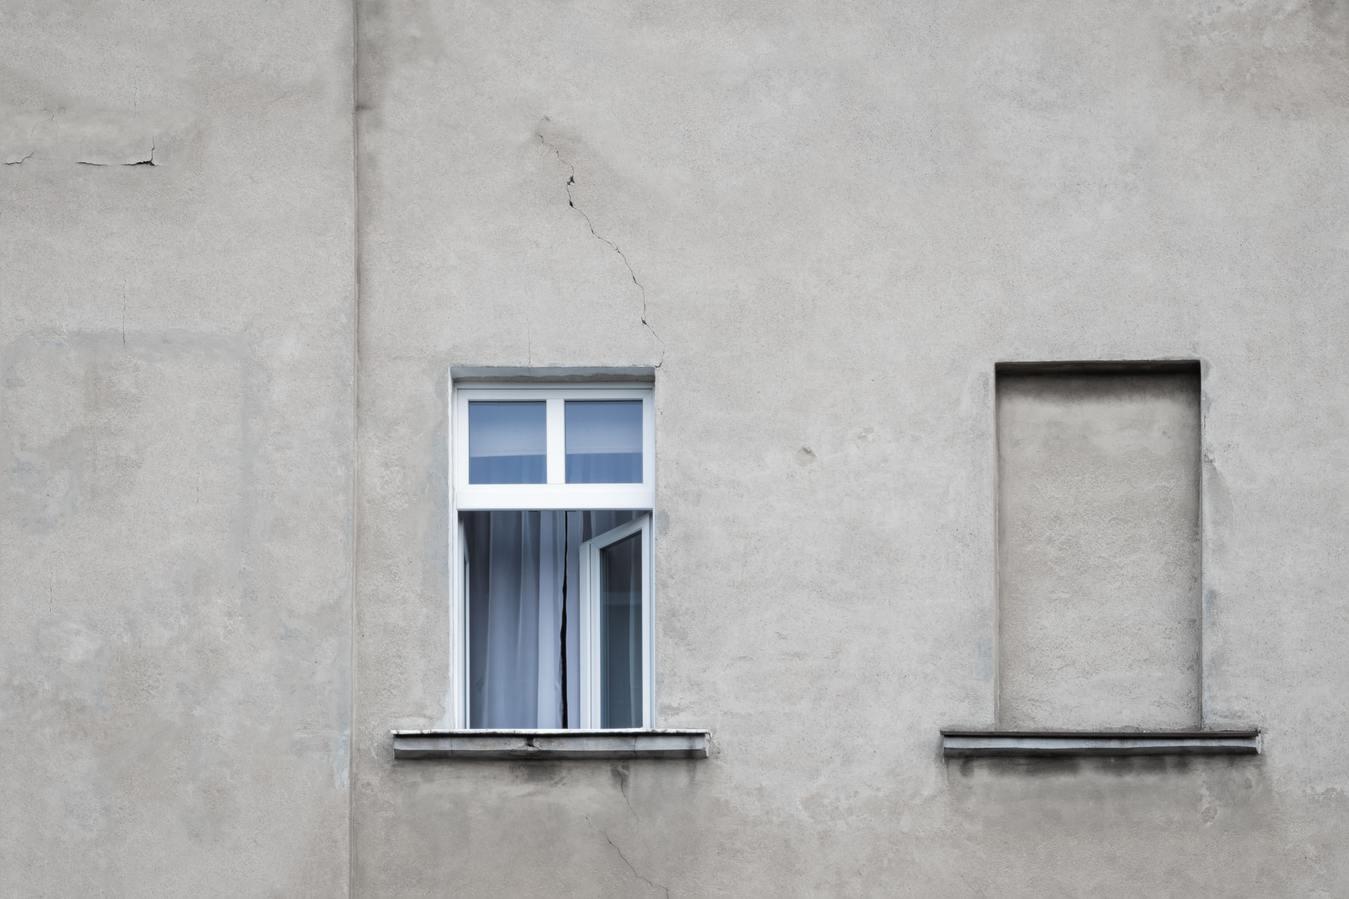 Uma janela aberta ao lado de uma janela fechada com cimento